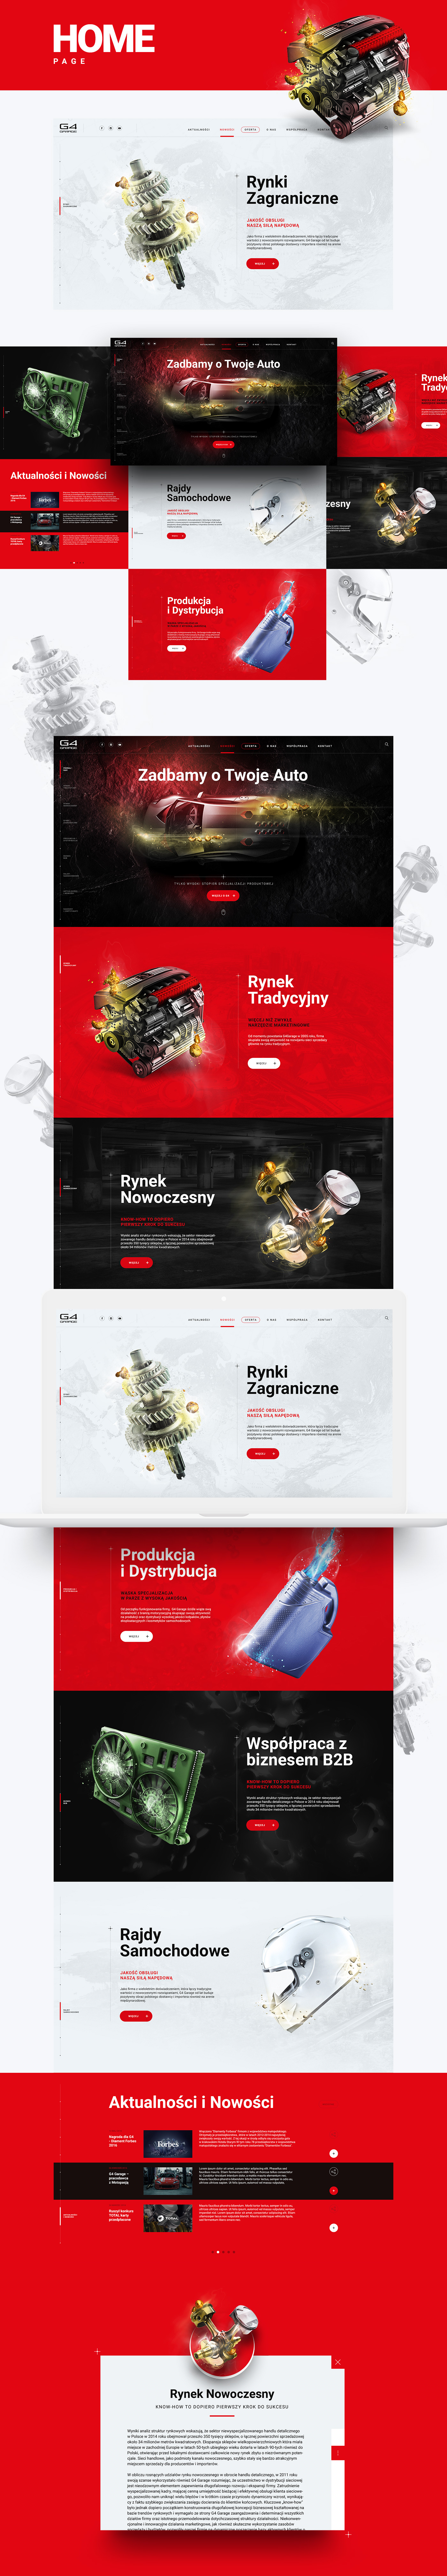 g4 garage website refresh on behance